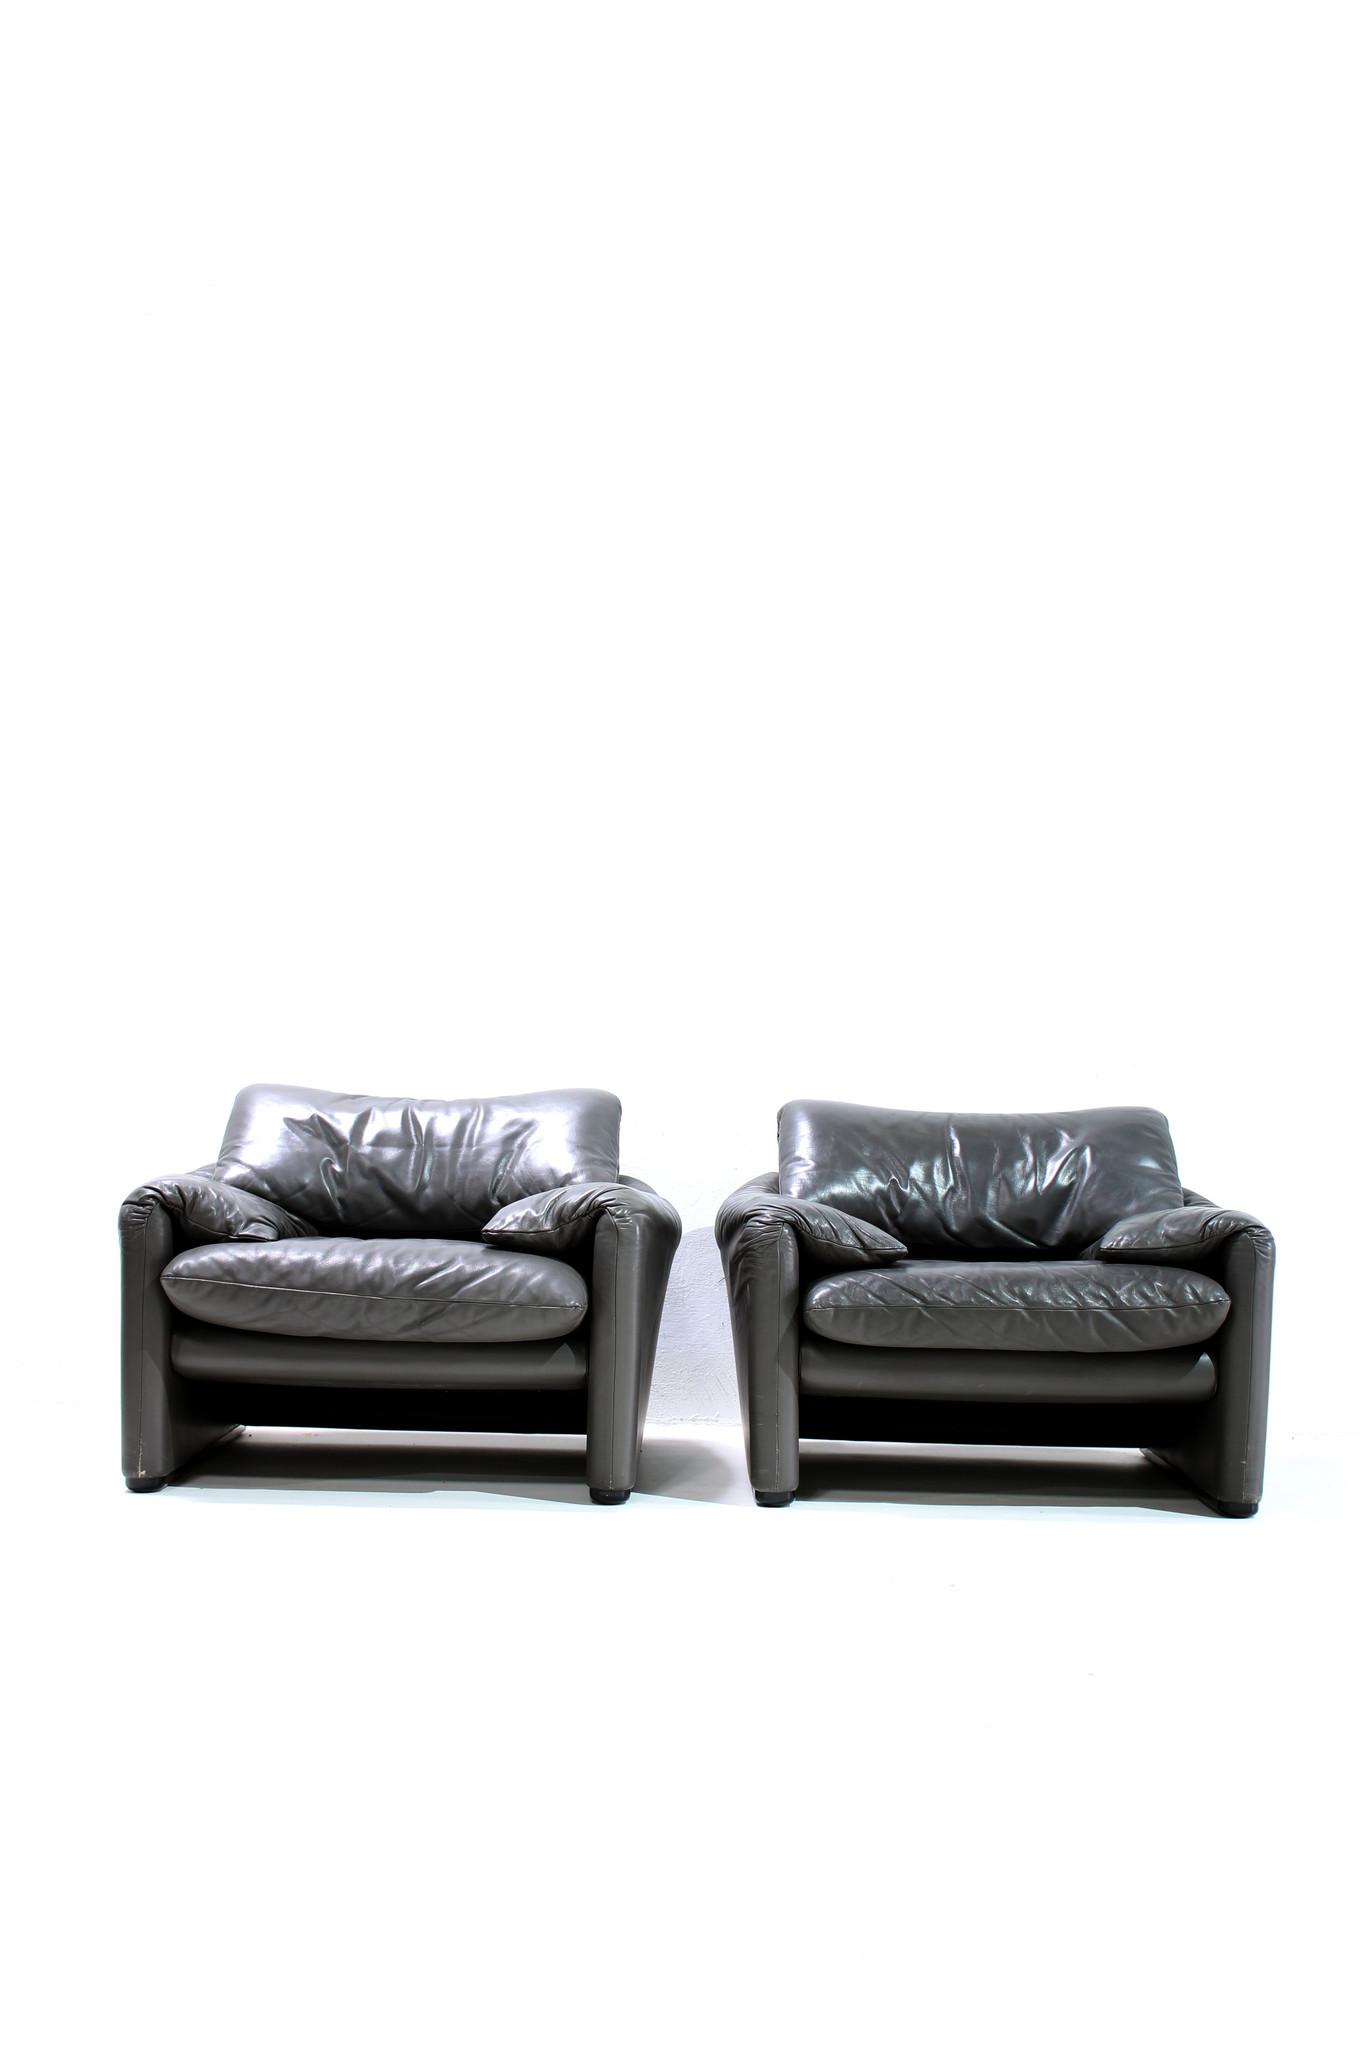 Maralunga sofa set door Vico Magistretti voor Cassina